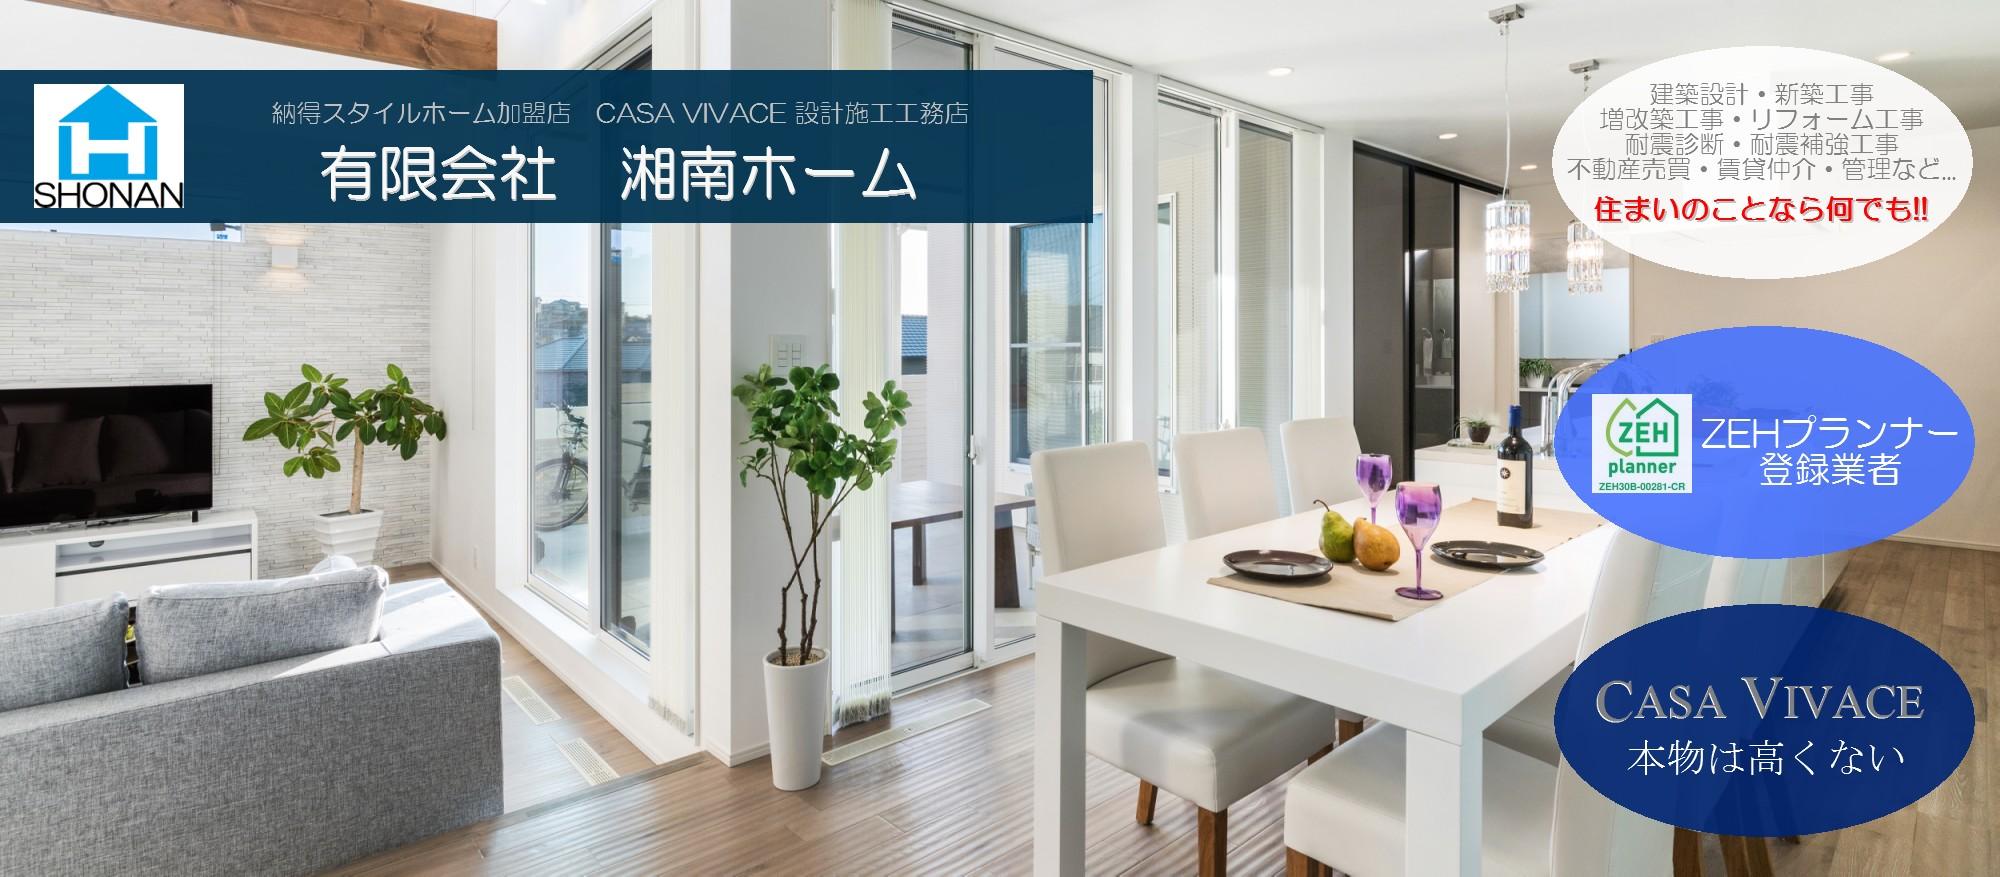 海老名市の湘南ホームは注文住宅の設計施工|耐震診断のご相談